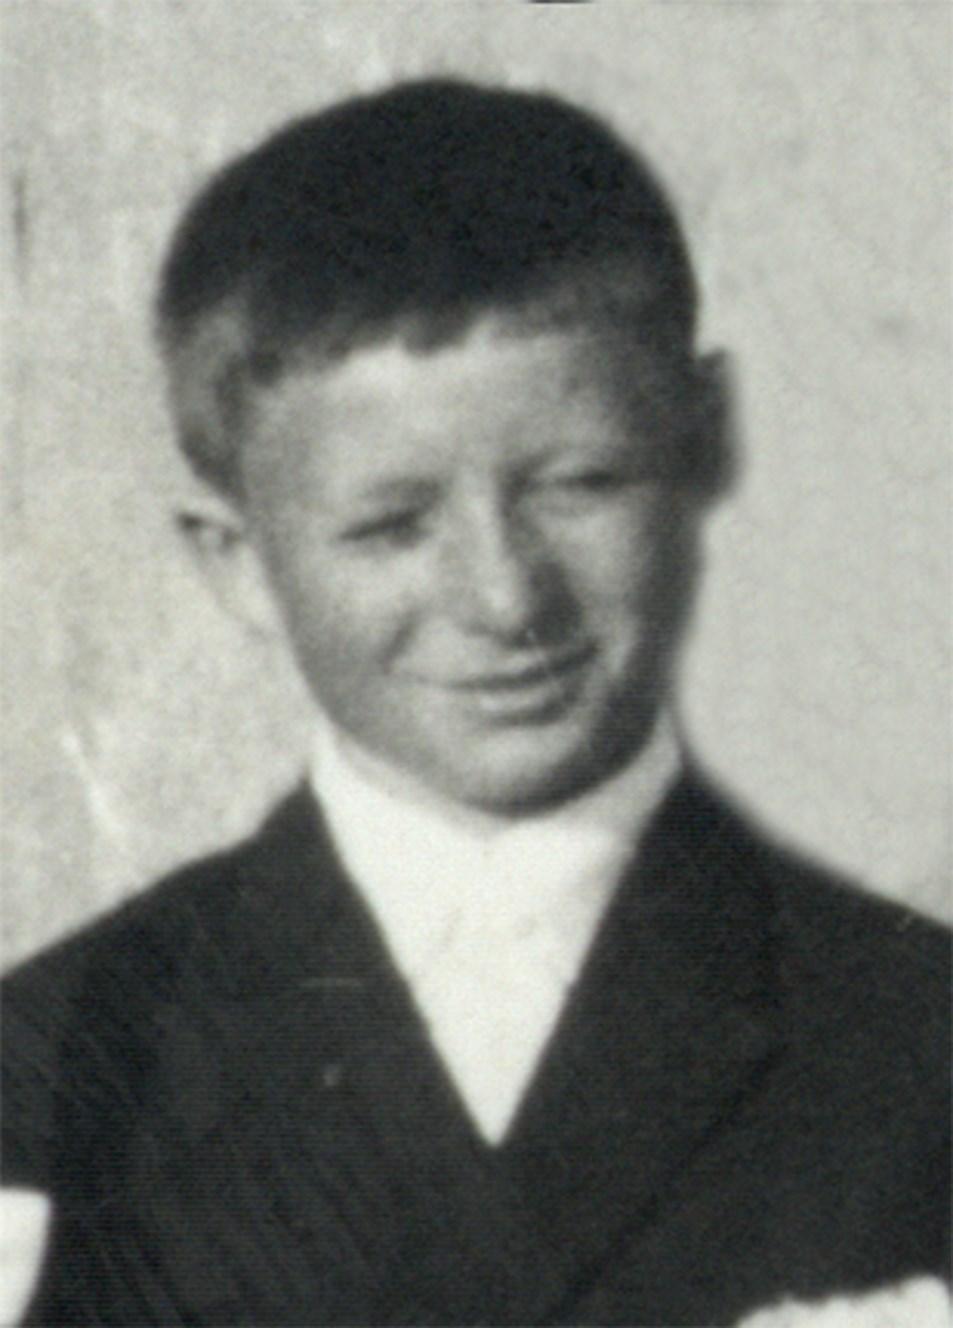 Instytut Pamięci Narodowej 3 dni · Świat się dowiedział, nic niepowiedział...❗ 👤 𝐉𝐞𝐫𝐳𝐲 𝐒𝐤𝐨𝐧𝐢𝐞𝐜𝐳𝐤𝐚 - urodził się 18 kwietnia 1955 roku wGdyni. Był uczniem Szkoły Podstawowej nr32 wGdyni. 17 grudnia 1970 roku, wdrodze doSzkoły przy ul Kieleckiej 4, został śmiertelnie postrzelony wgłowę. 🏴 Zmarł 20 grudnia 1970 roku wszpitalu wGdyni-Redłowie. Został pochowany nacmentarzu nagdyńskim Witominie. 🎖 Wroku 2015 został uhonorowany pośmiertnie Krzyżem Wolności iSolidarności.